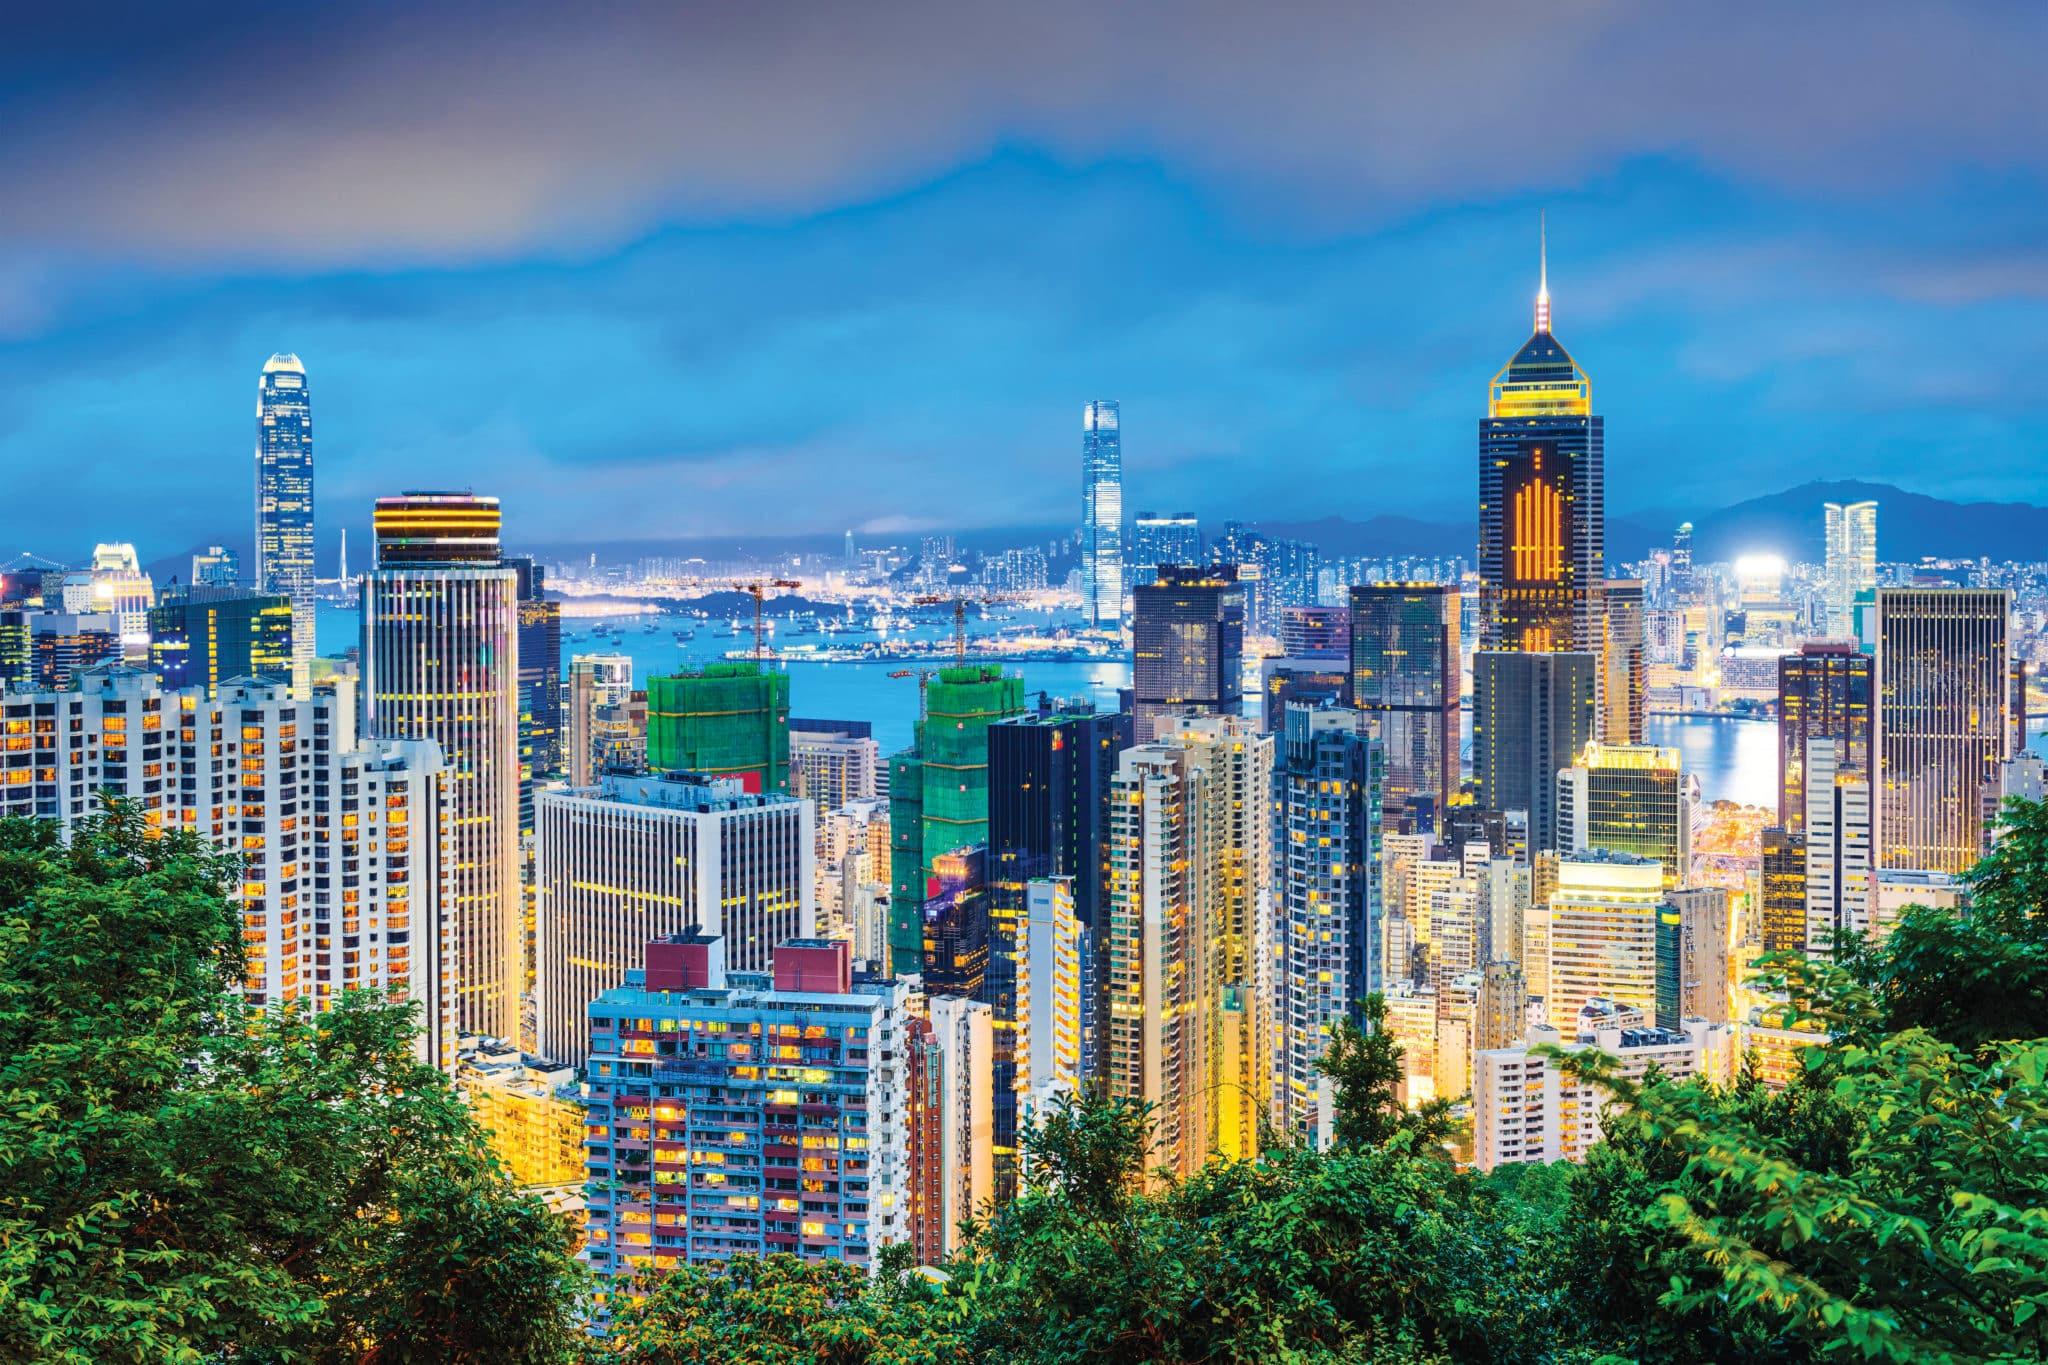 EFMH3G Hong Kong, China cityscape at twilight.